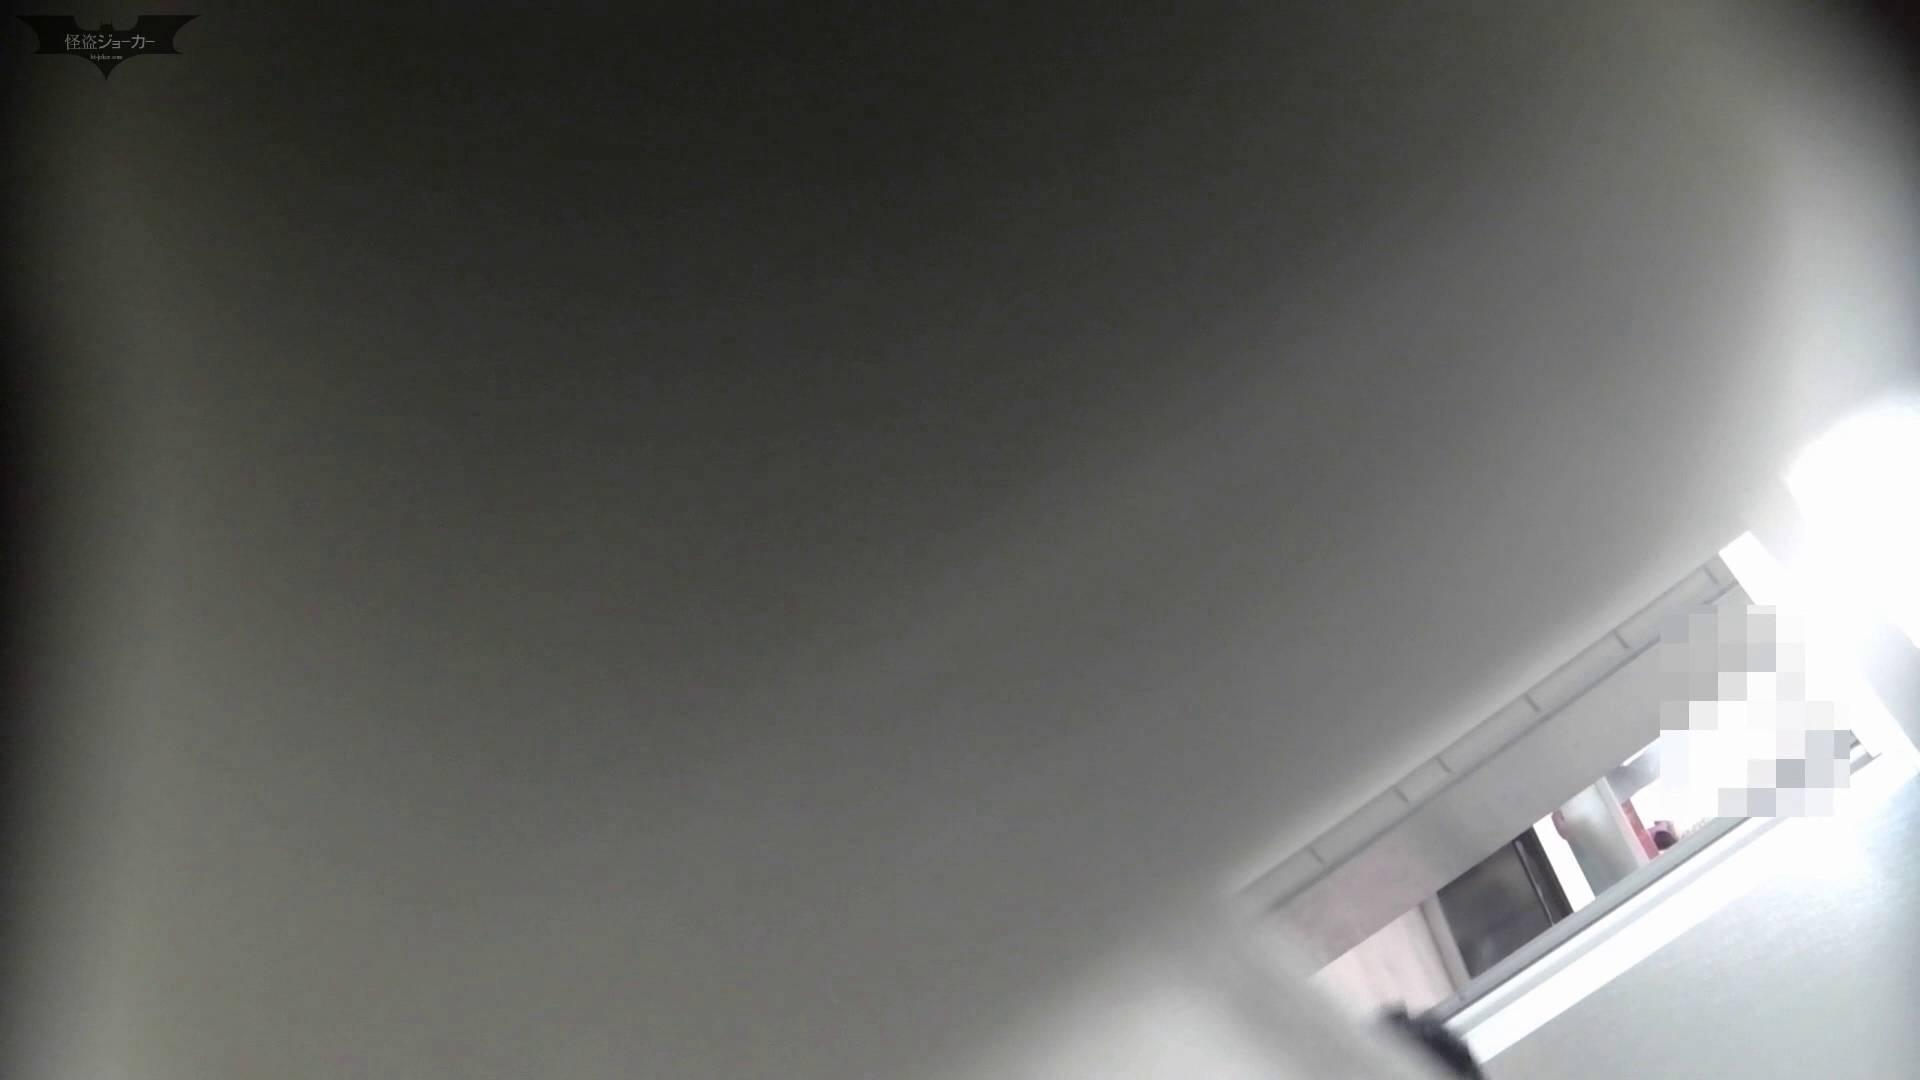 洗面所特攻隊 vol.66 珍事件発生!! 「指」で出【2015・05位】 洗面所  91pic 68